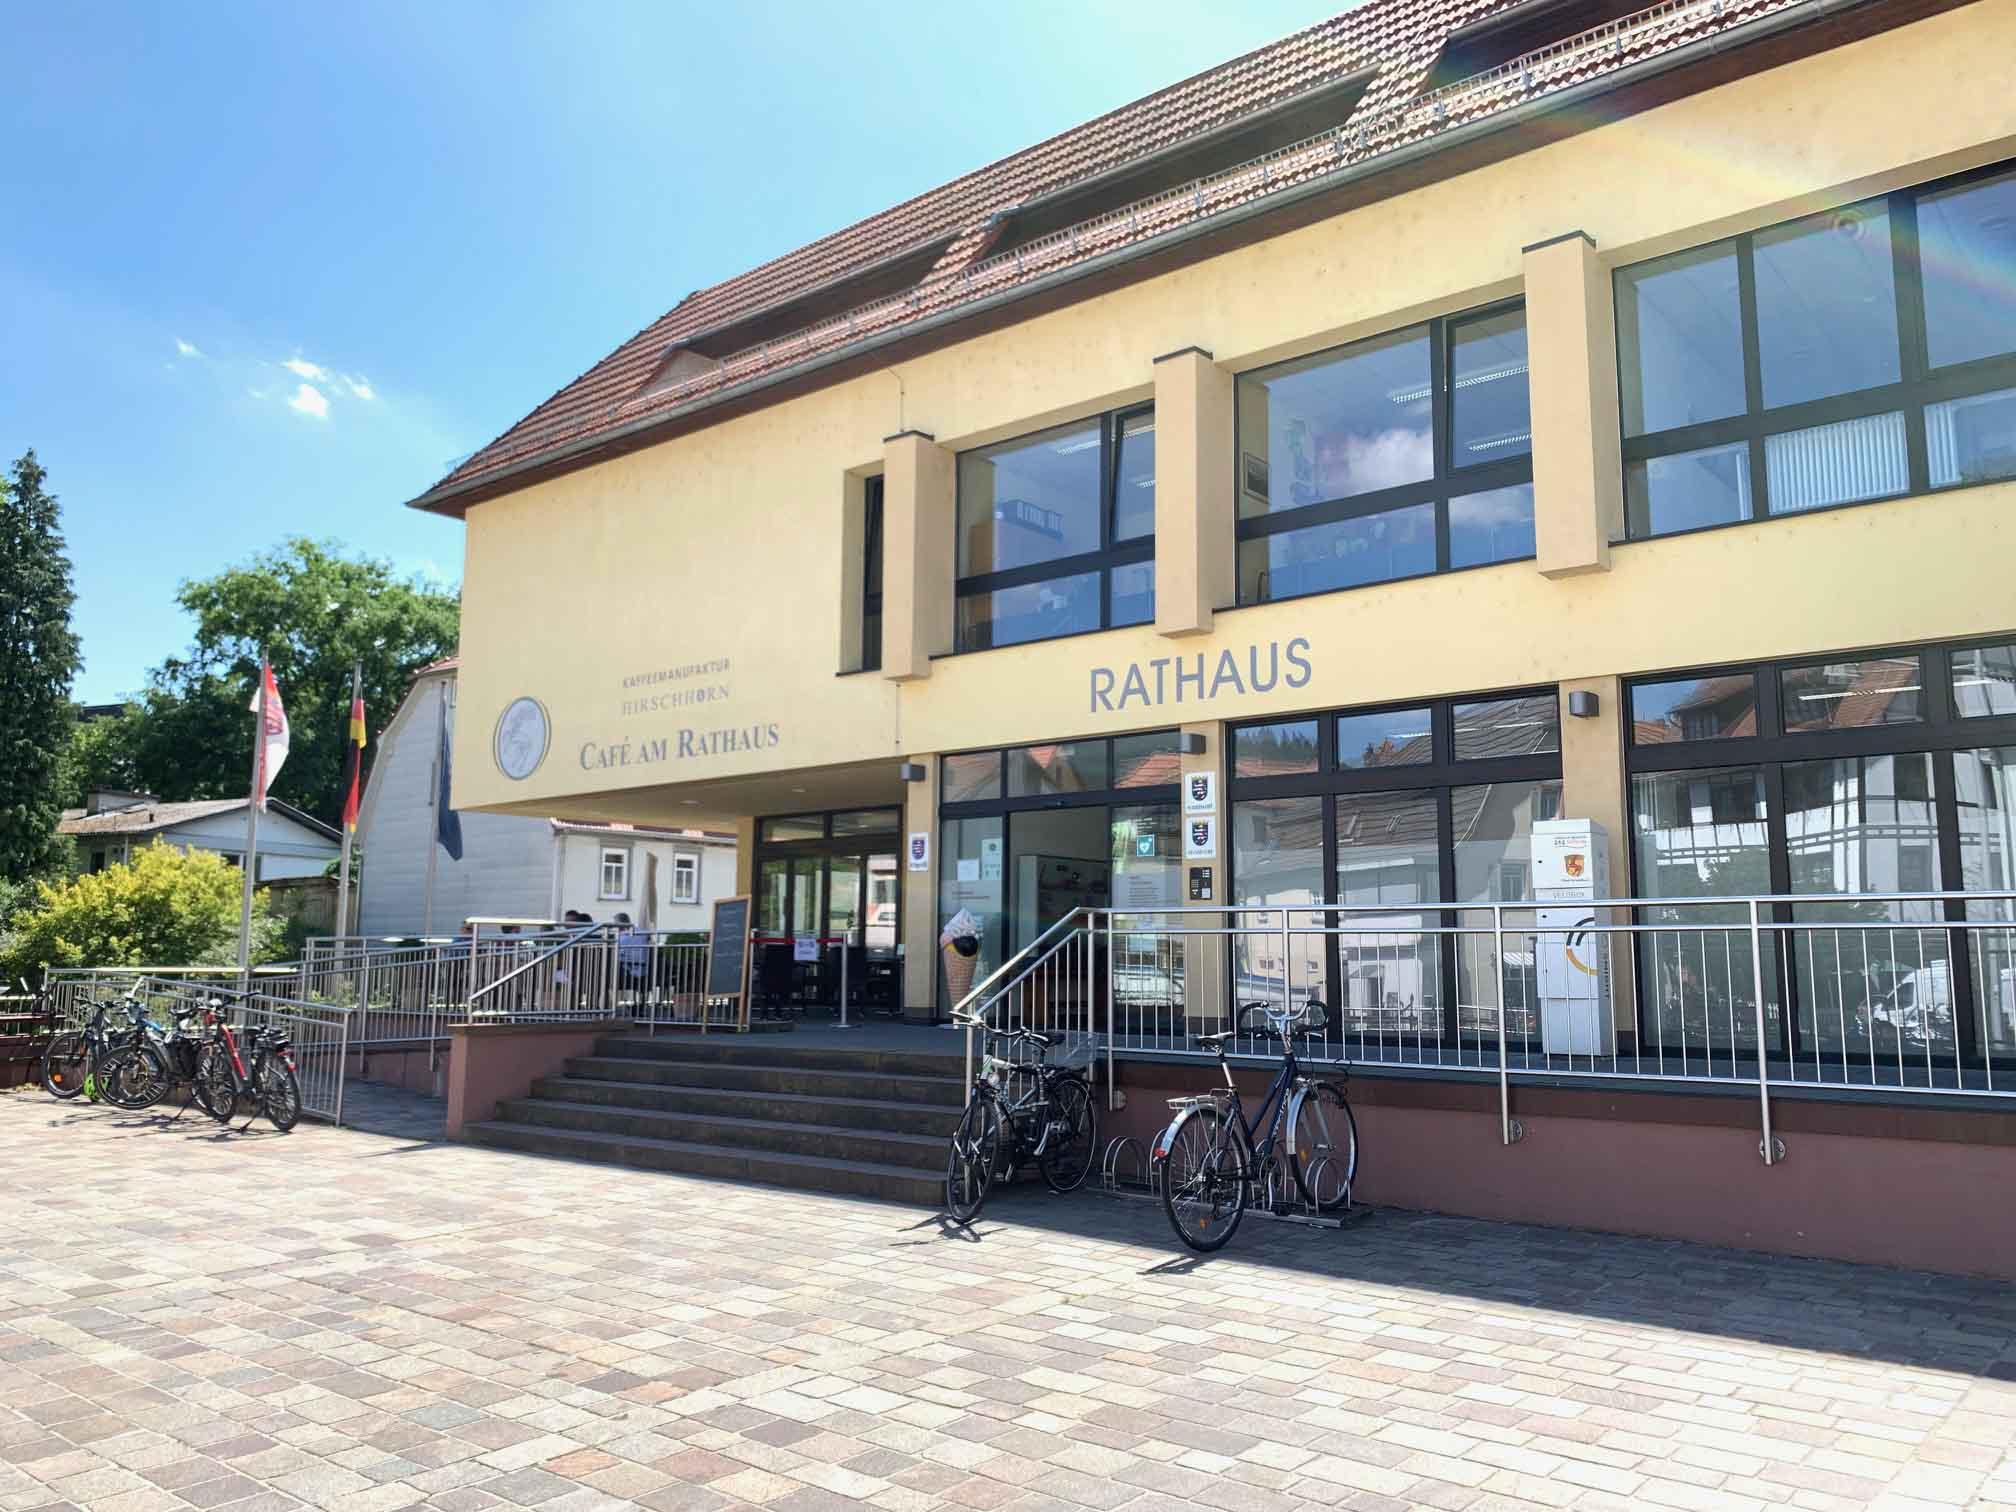 Hirschhorn Rathaus und Kaffeerösterei